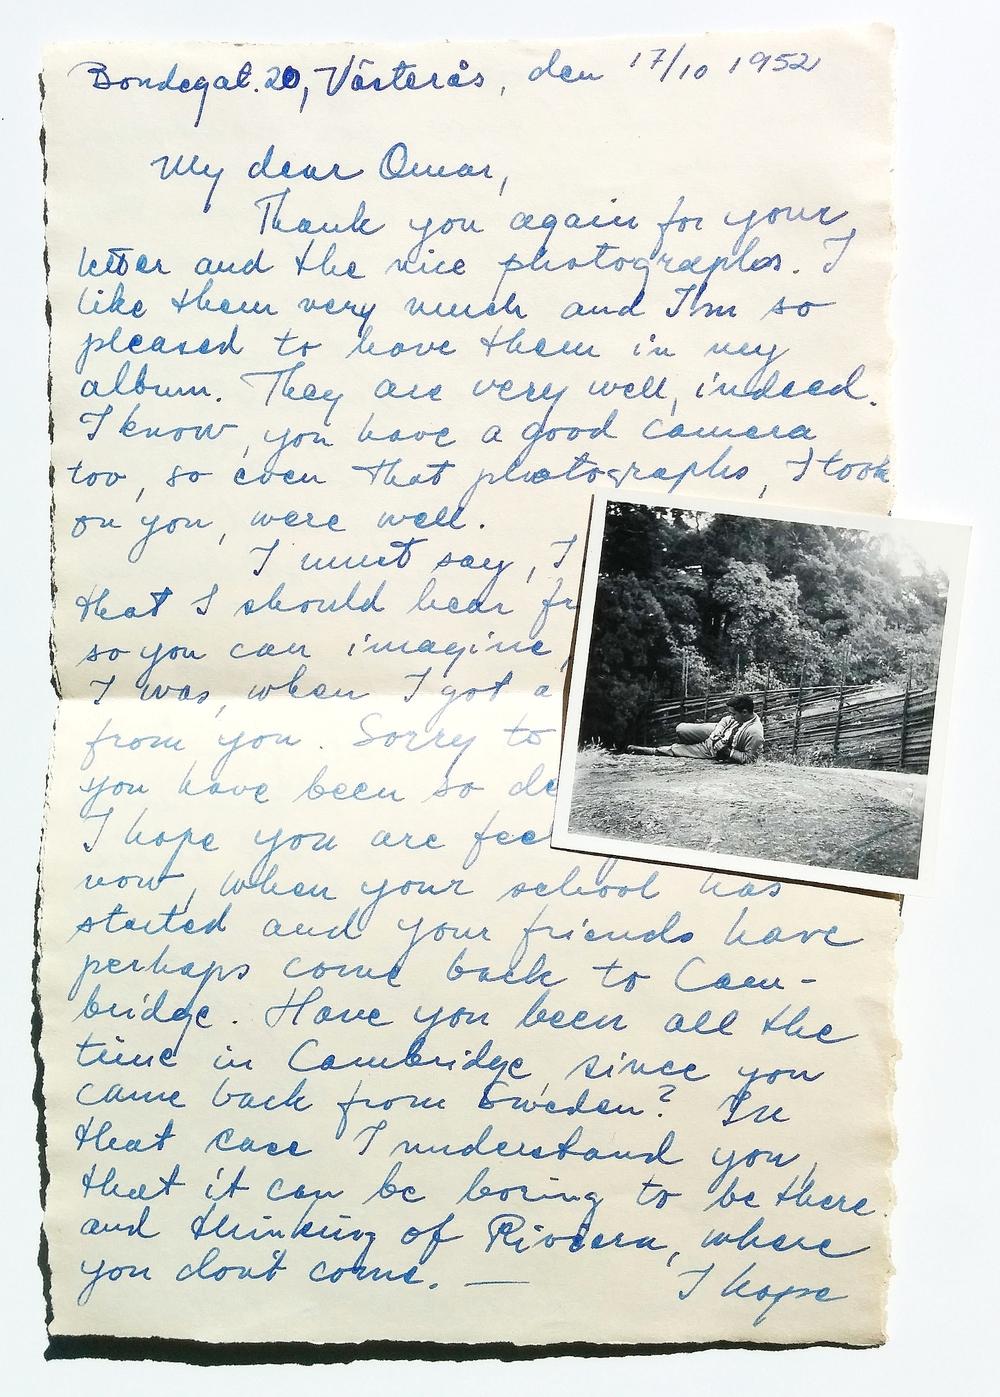 October 17th, 1952